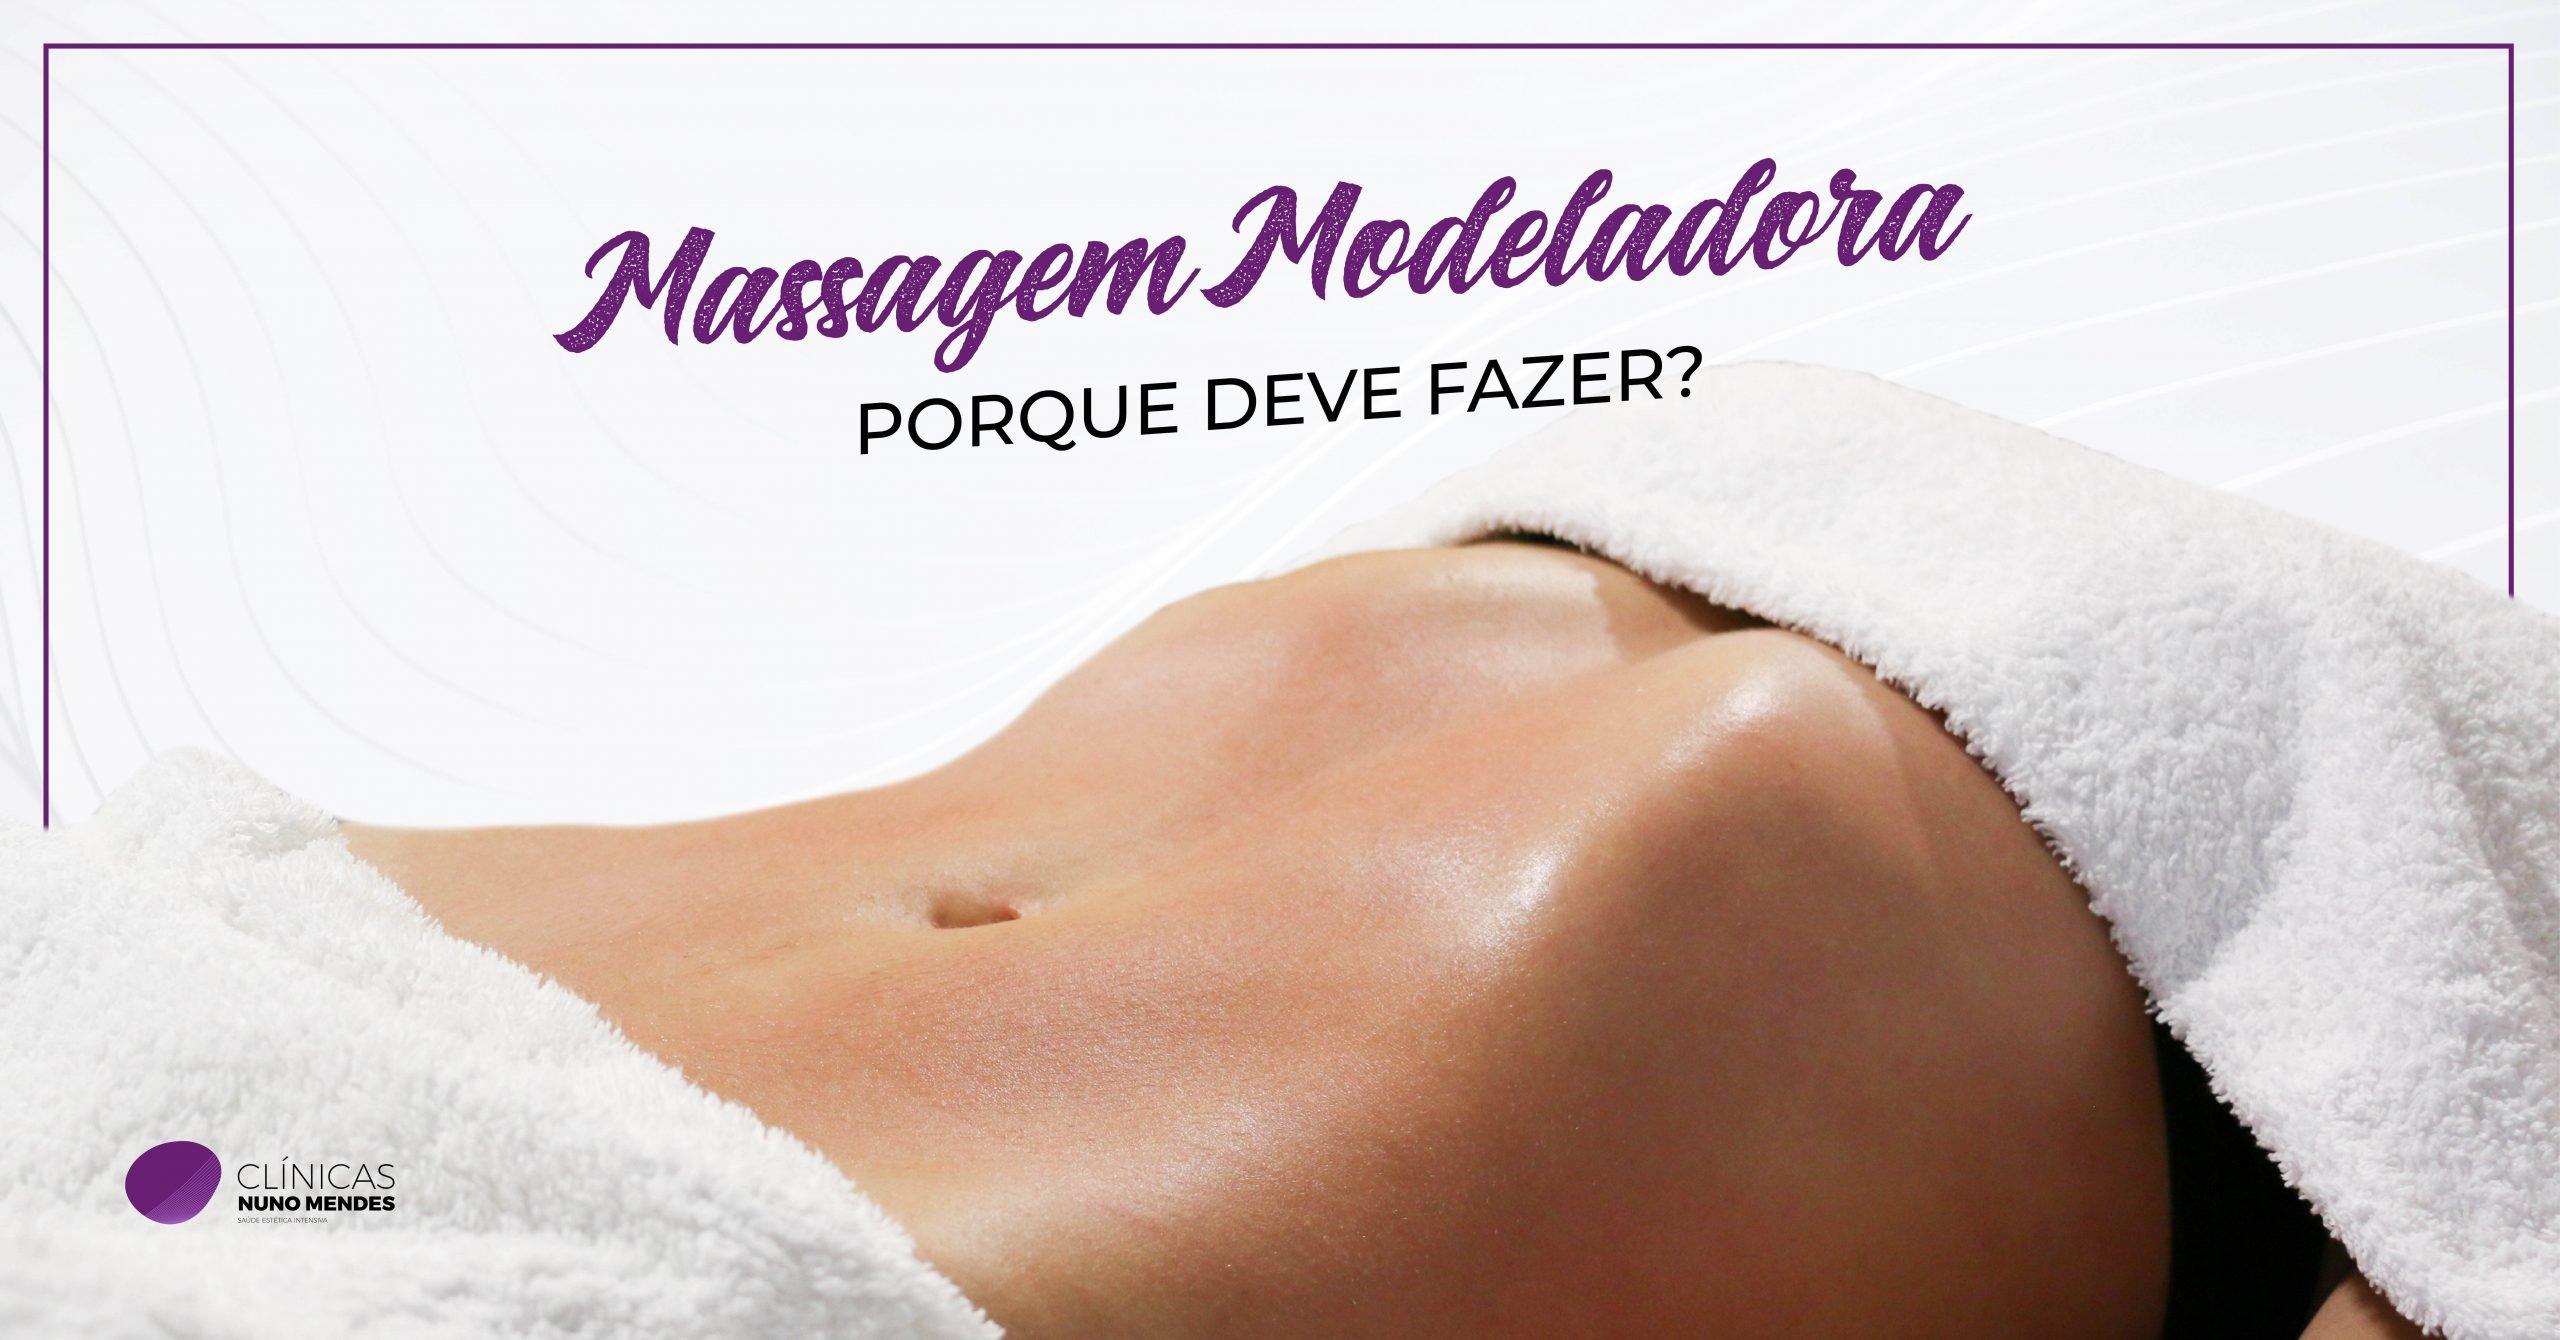 Massagem Modeladora - Porque deve fazer?